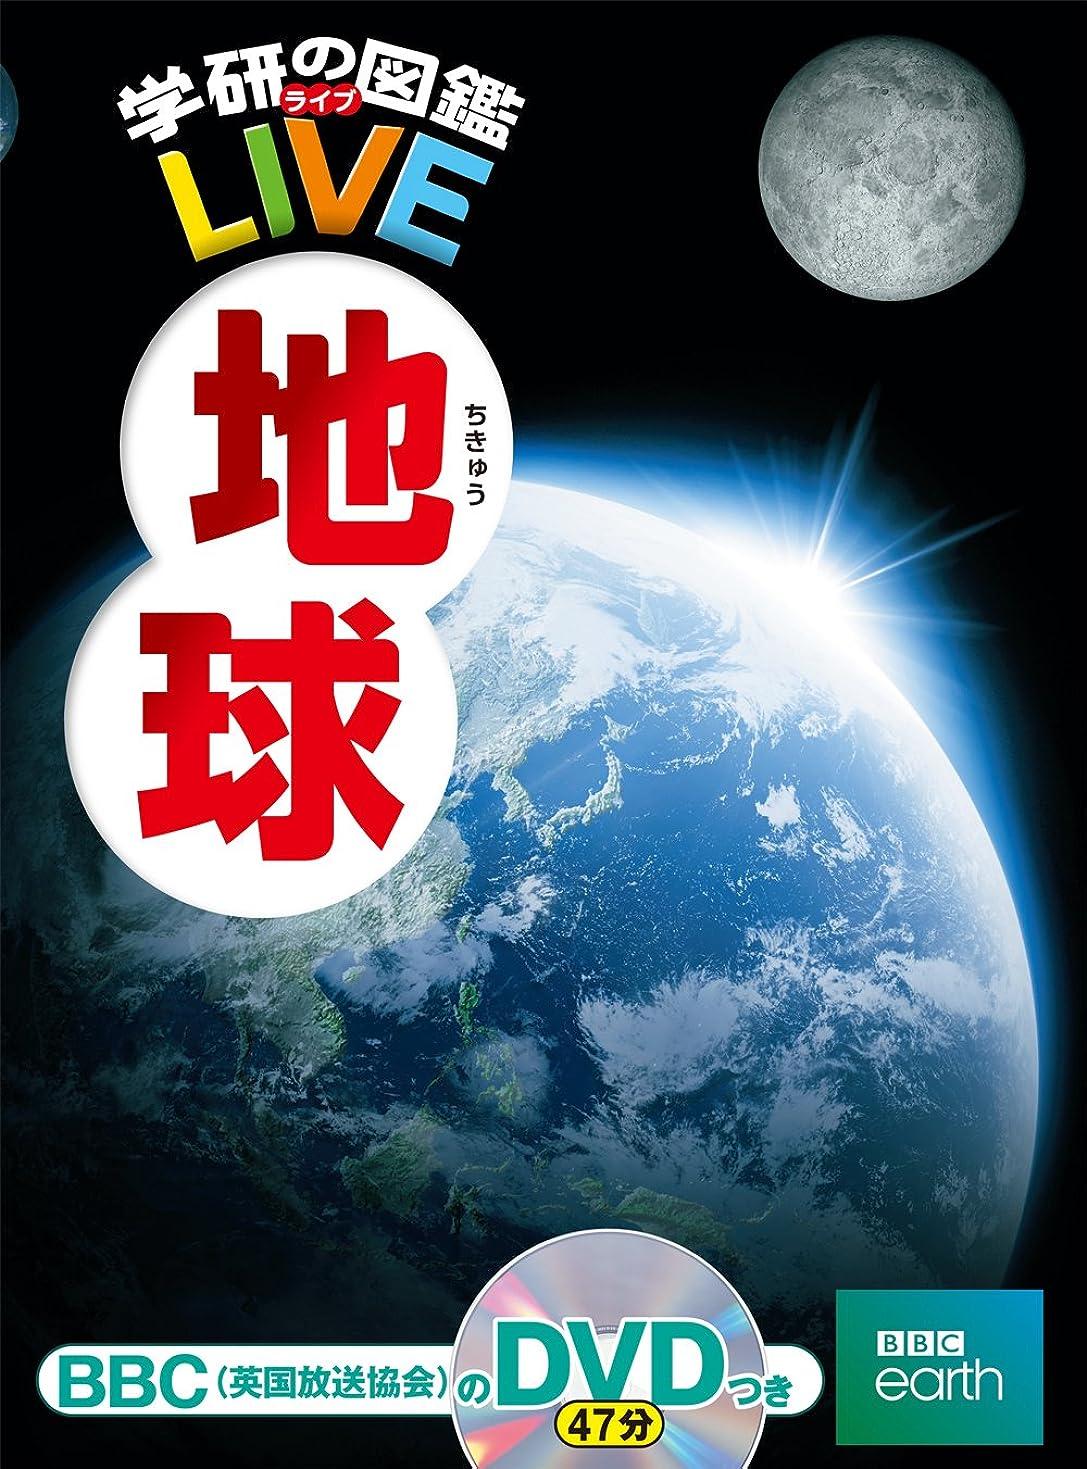 最大の間違い刑務所【DVD付】地球 (学研の図鑑LIVE) 3歳~小学生向け 図鑑